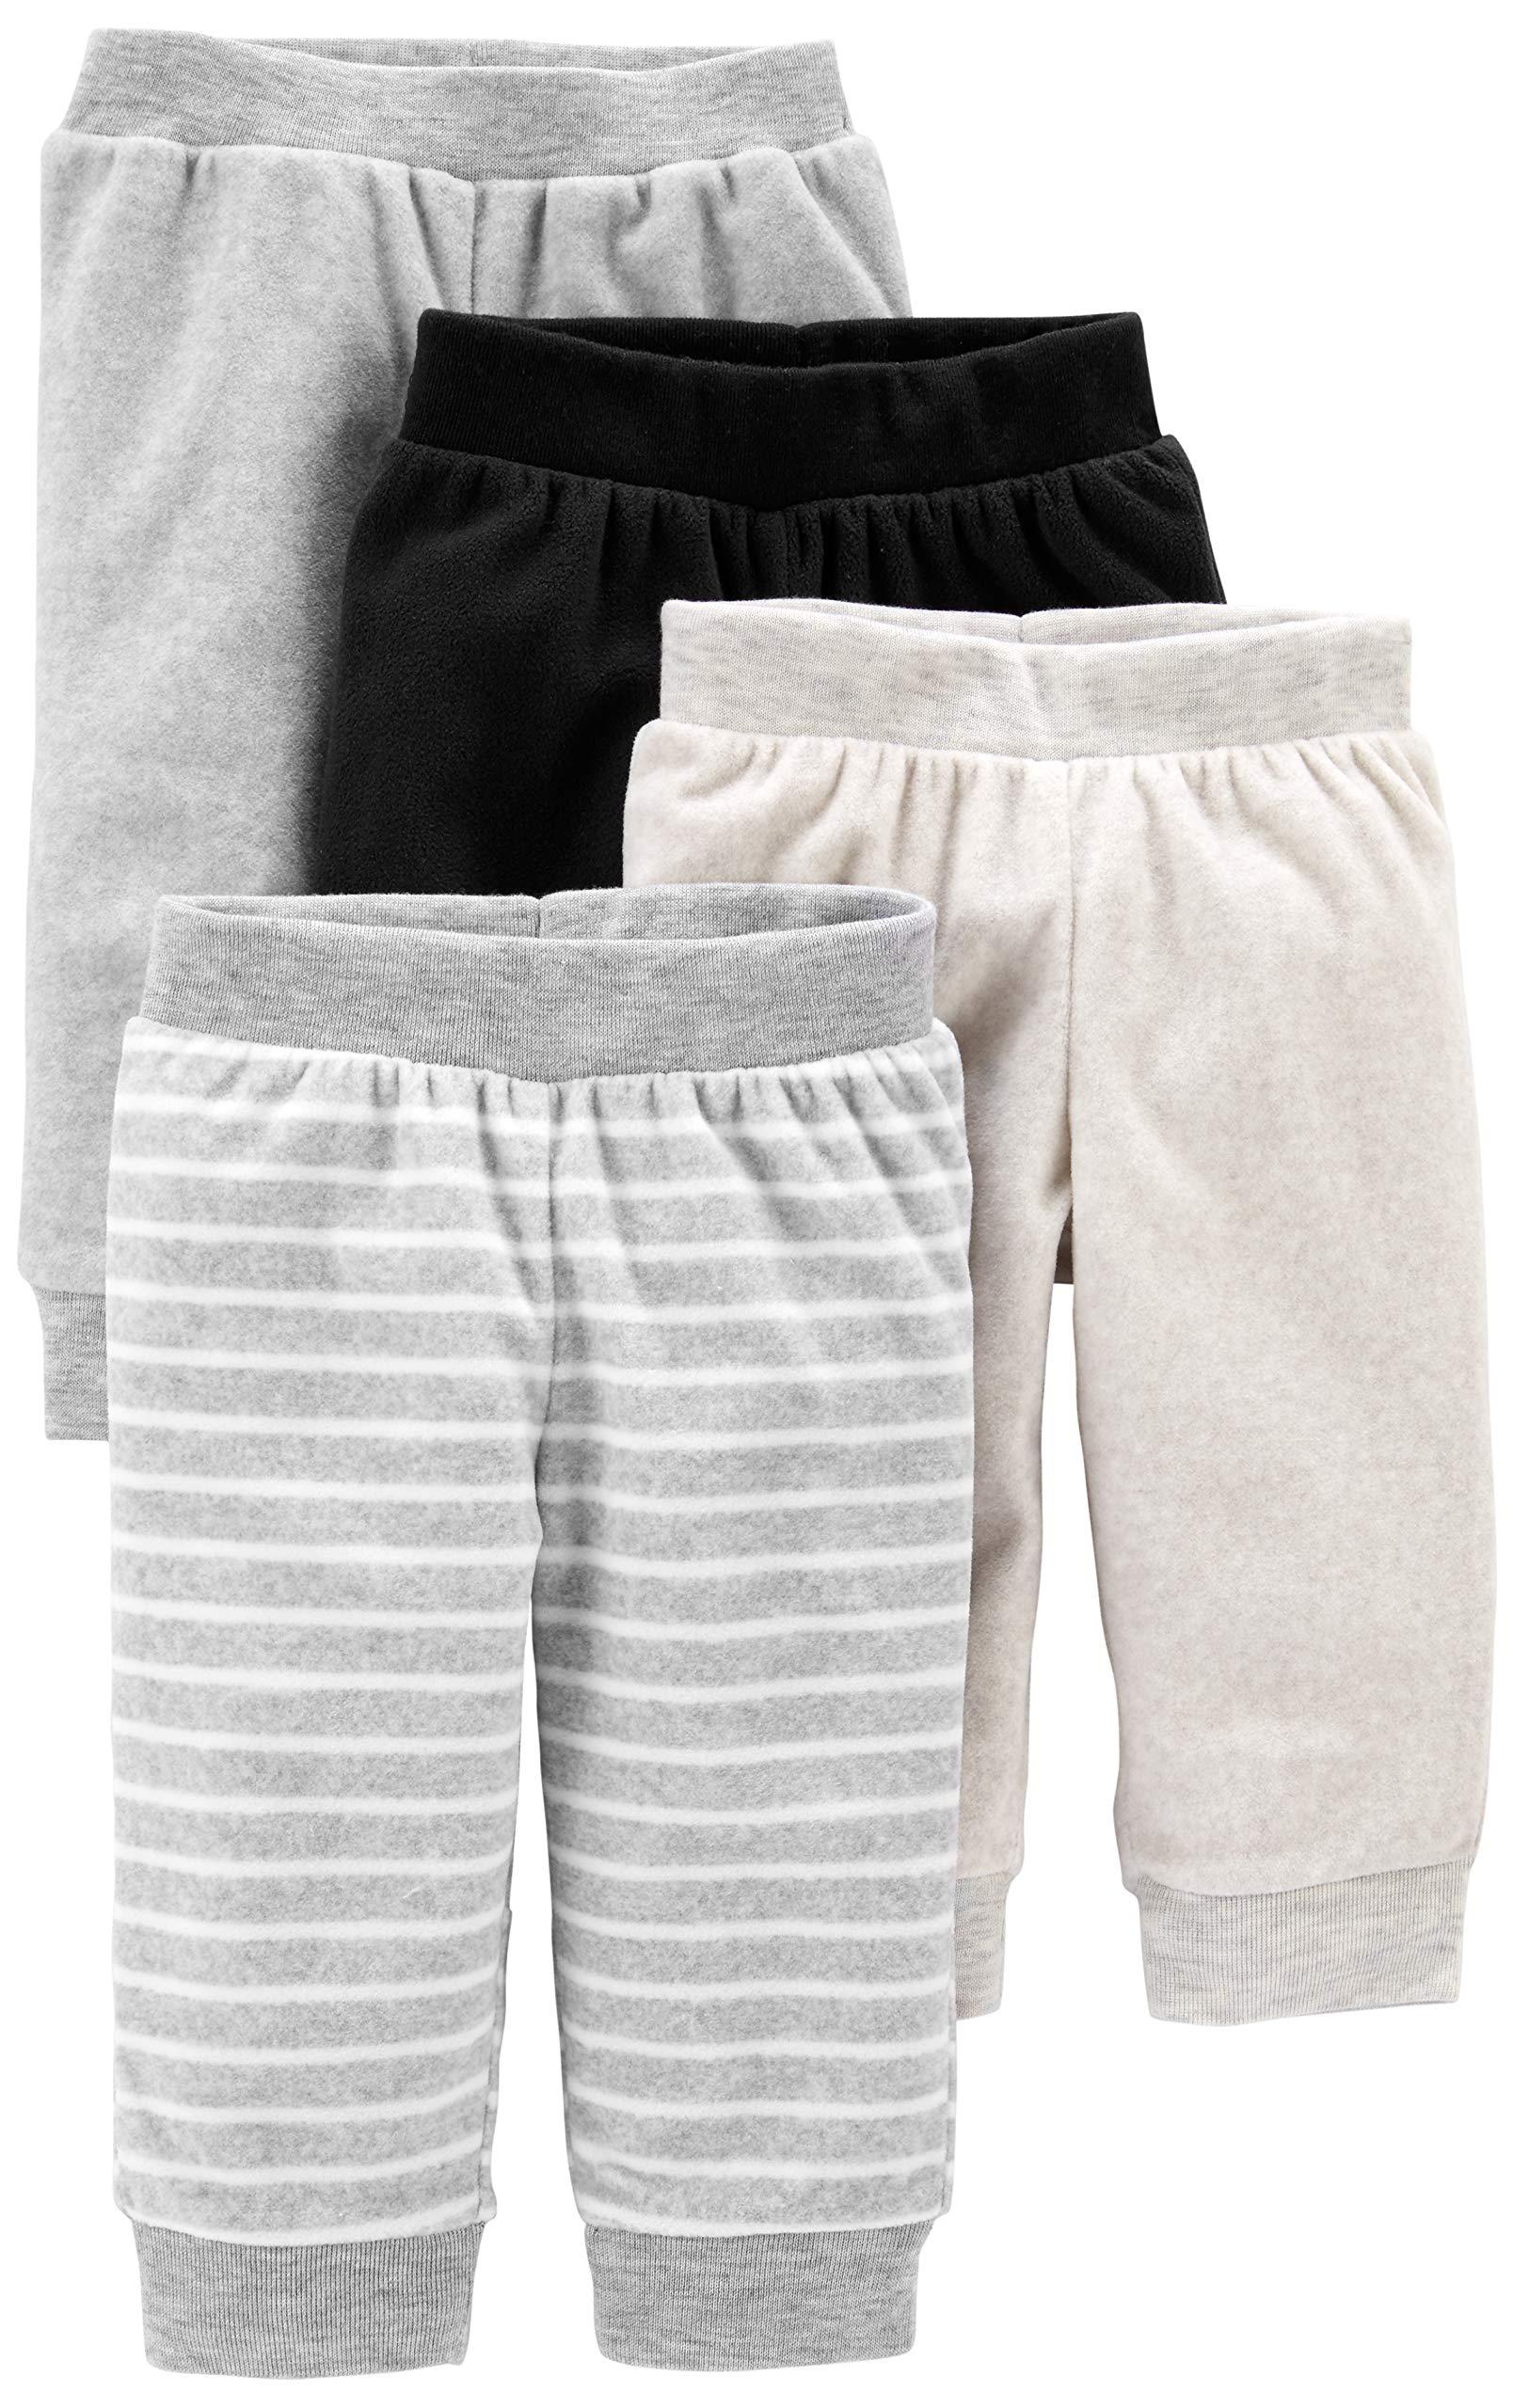 Simple Joys by Carter's Baby - Pantalones de forro polar (4 unidades) 1